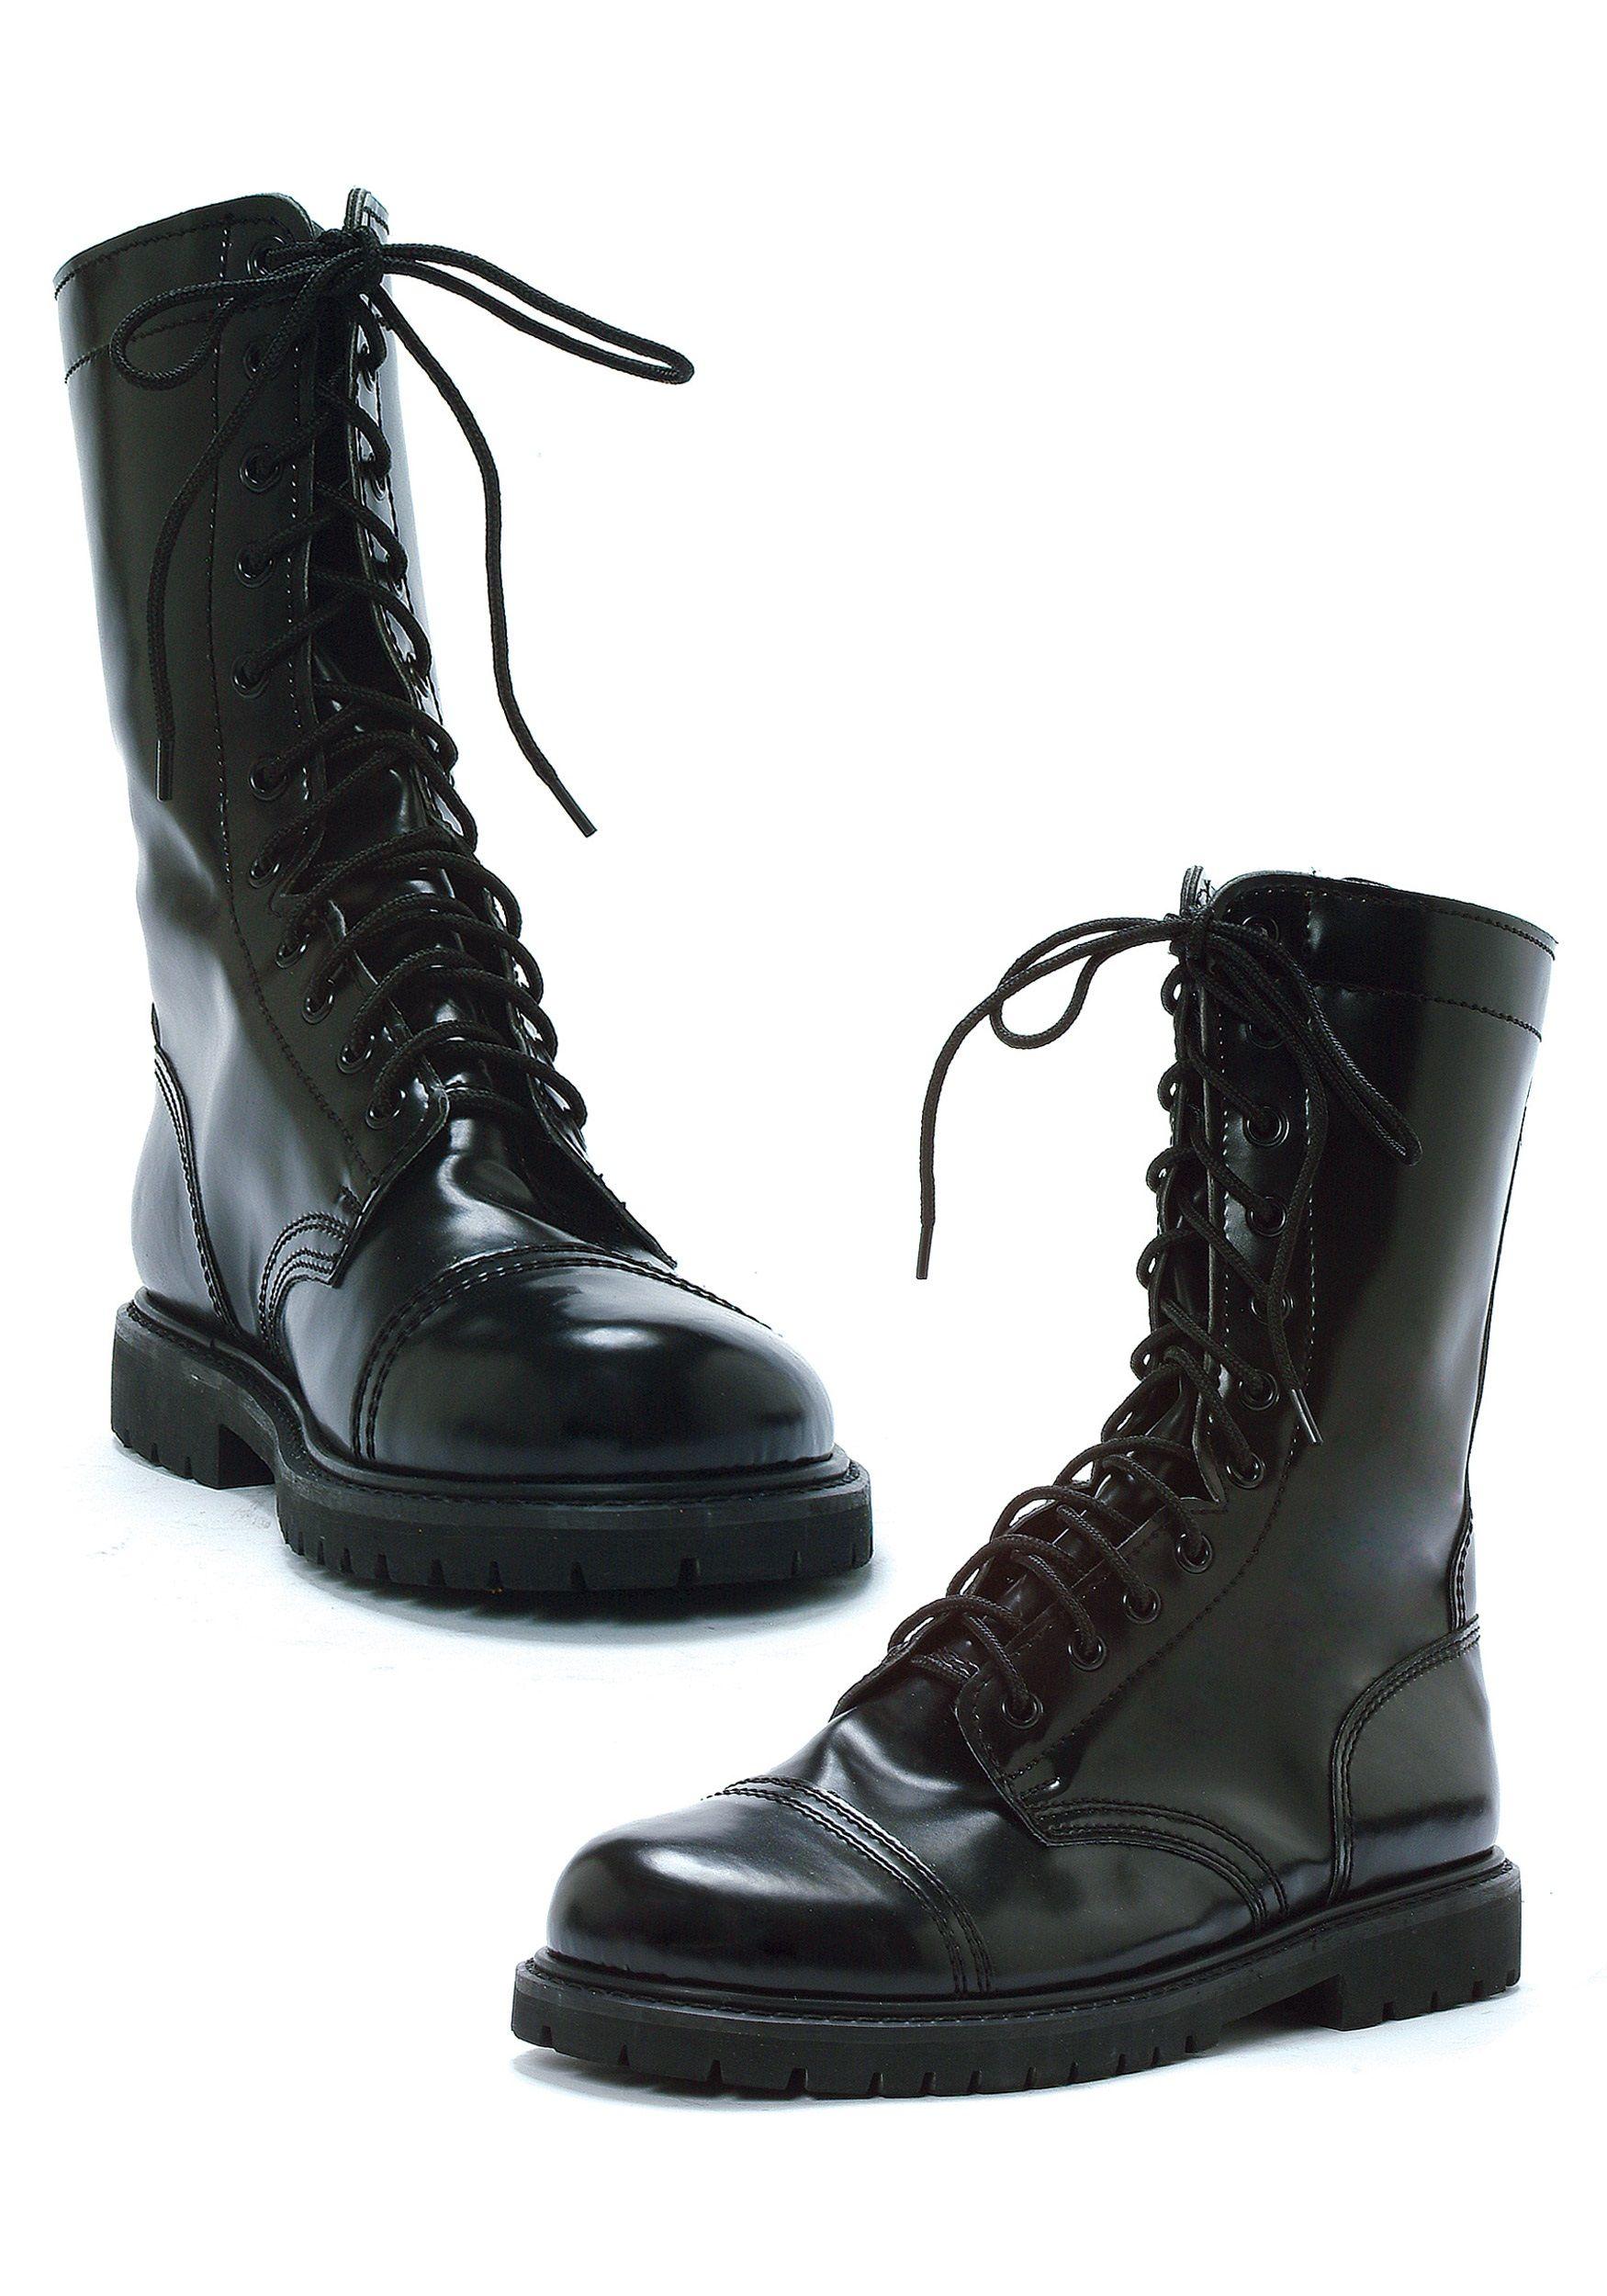 adult-black-combat-boots.jpg (1750×2500)